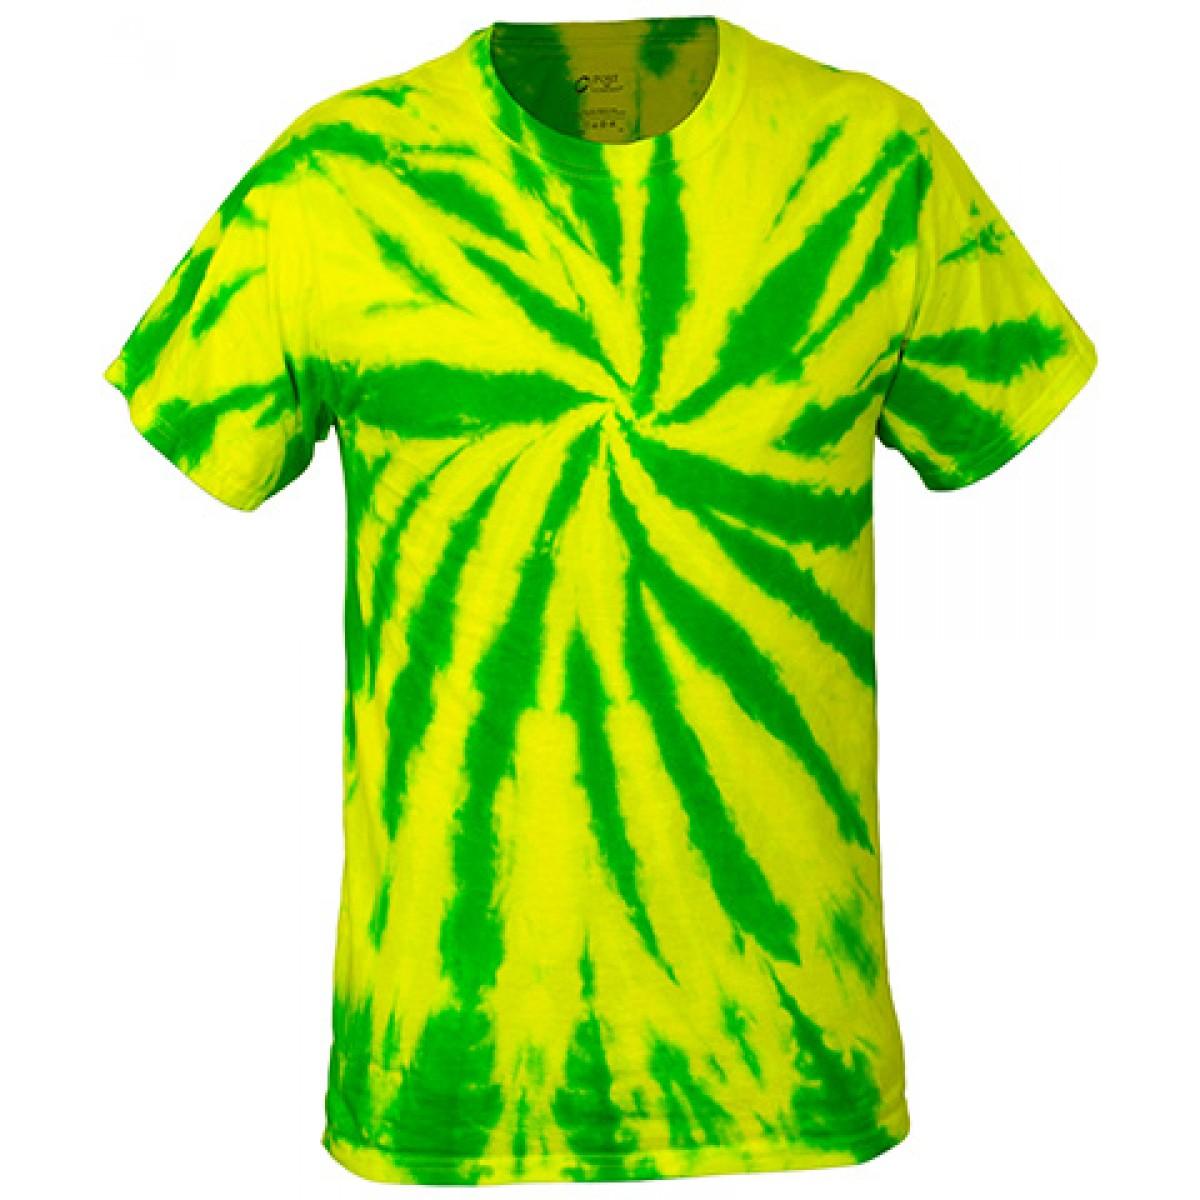 Multi-Color Tie-Dye Tee -Neon Green-YM